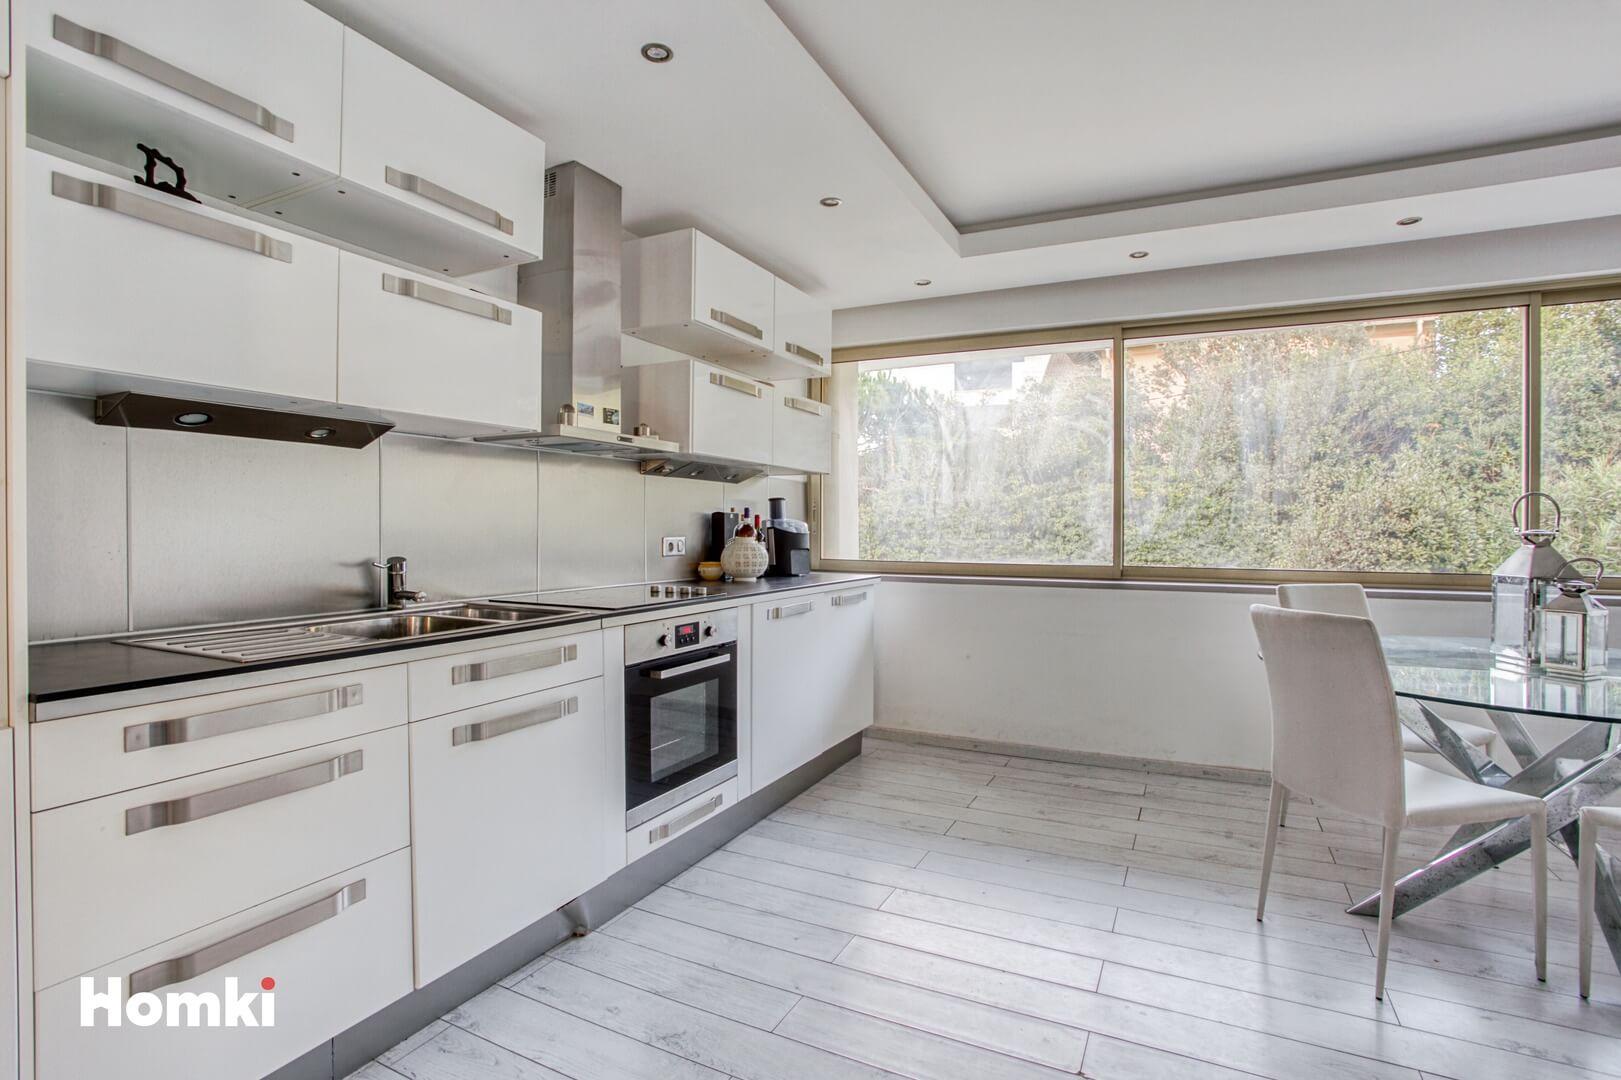 Homki - Vente Appartement  de 85.0 m² à Antibes 06160